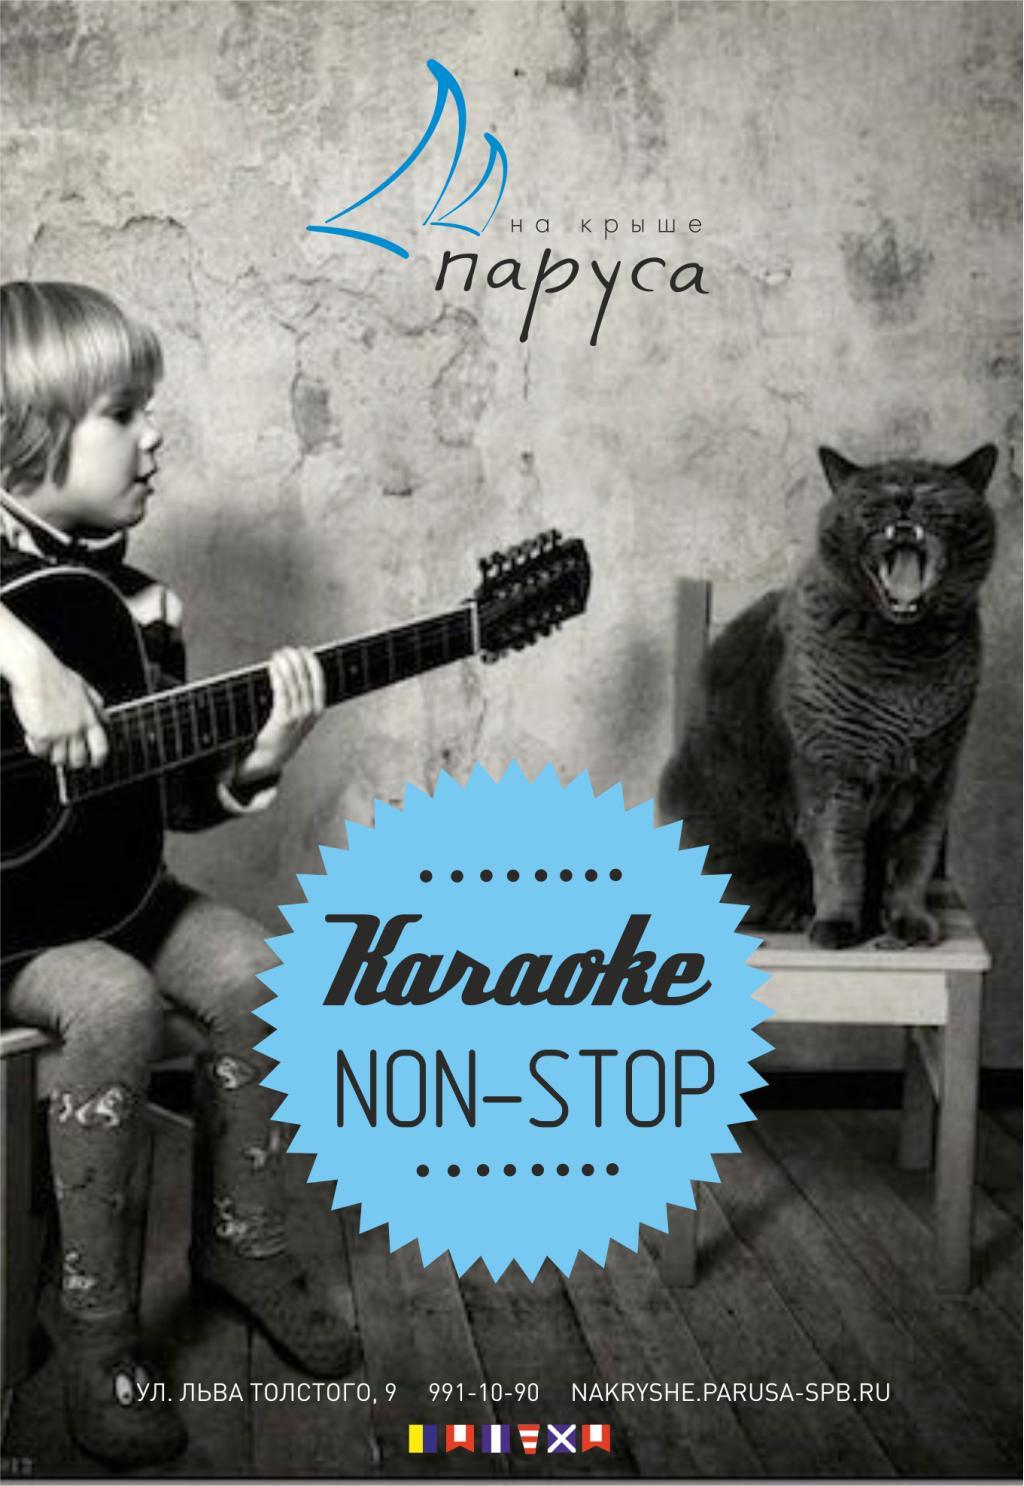 28 марта Караоке non-stop